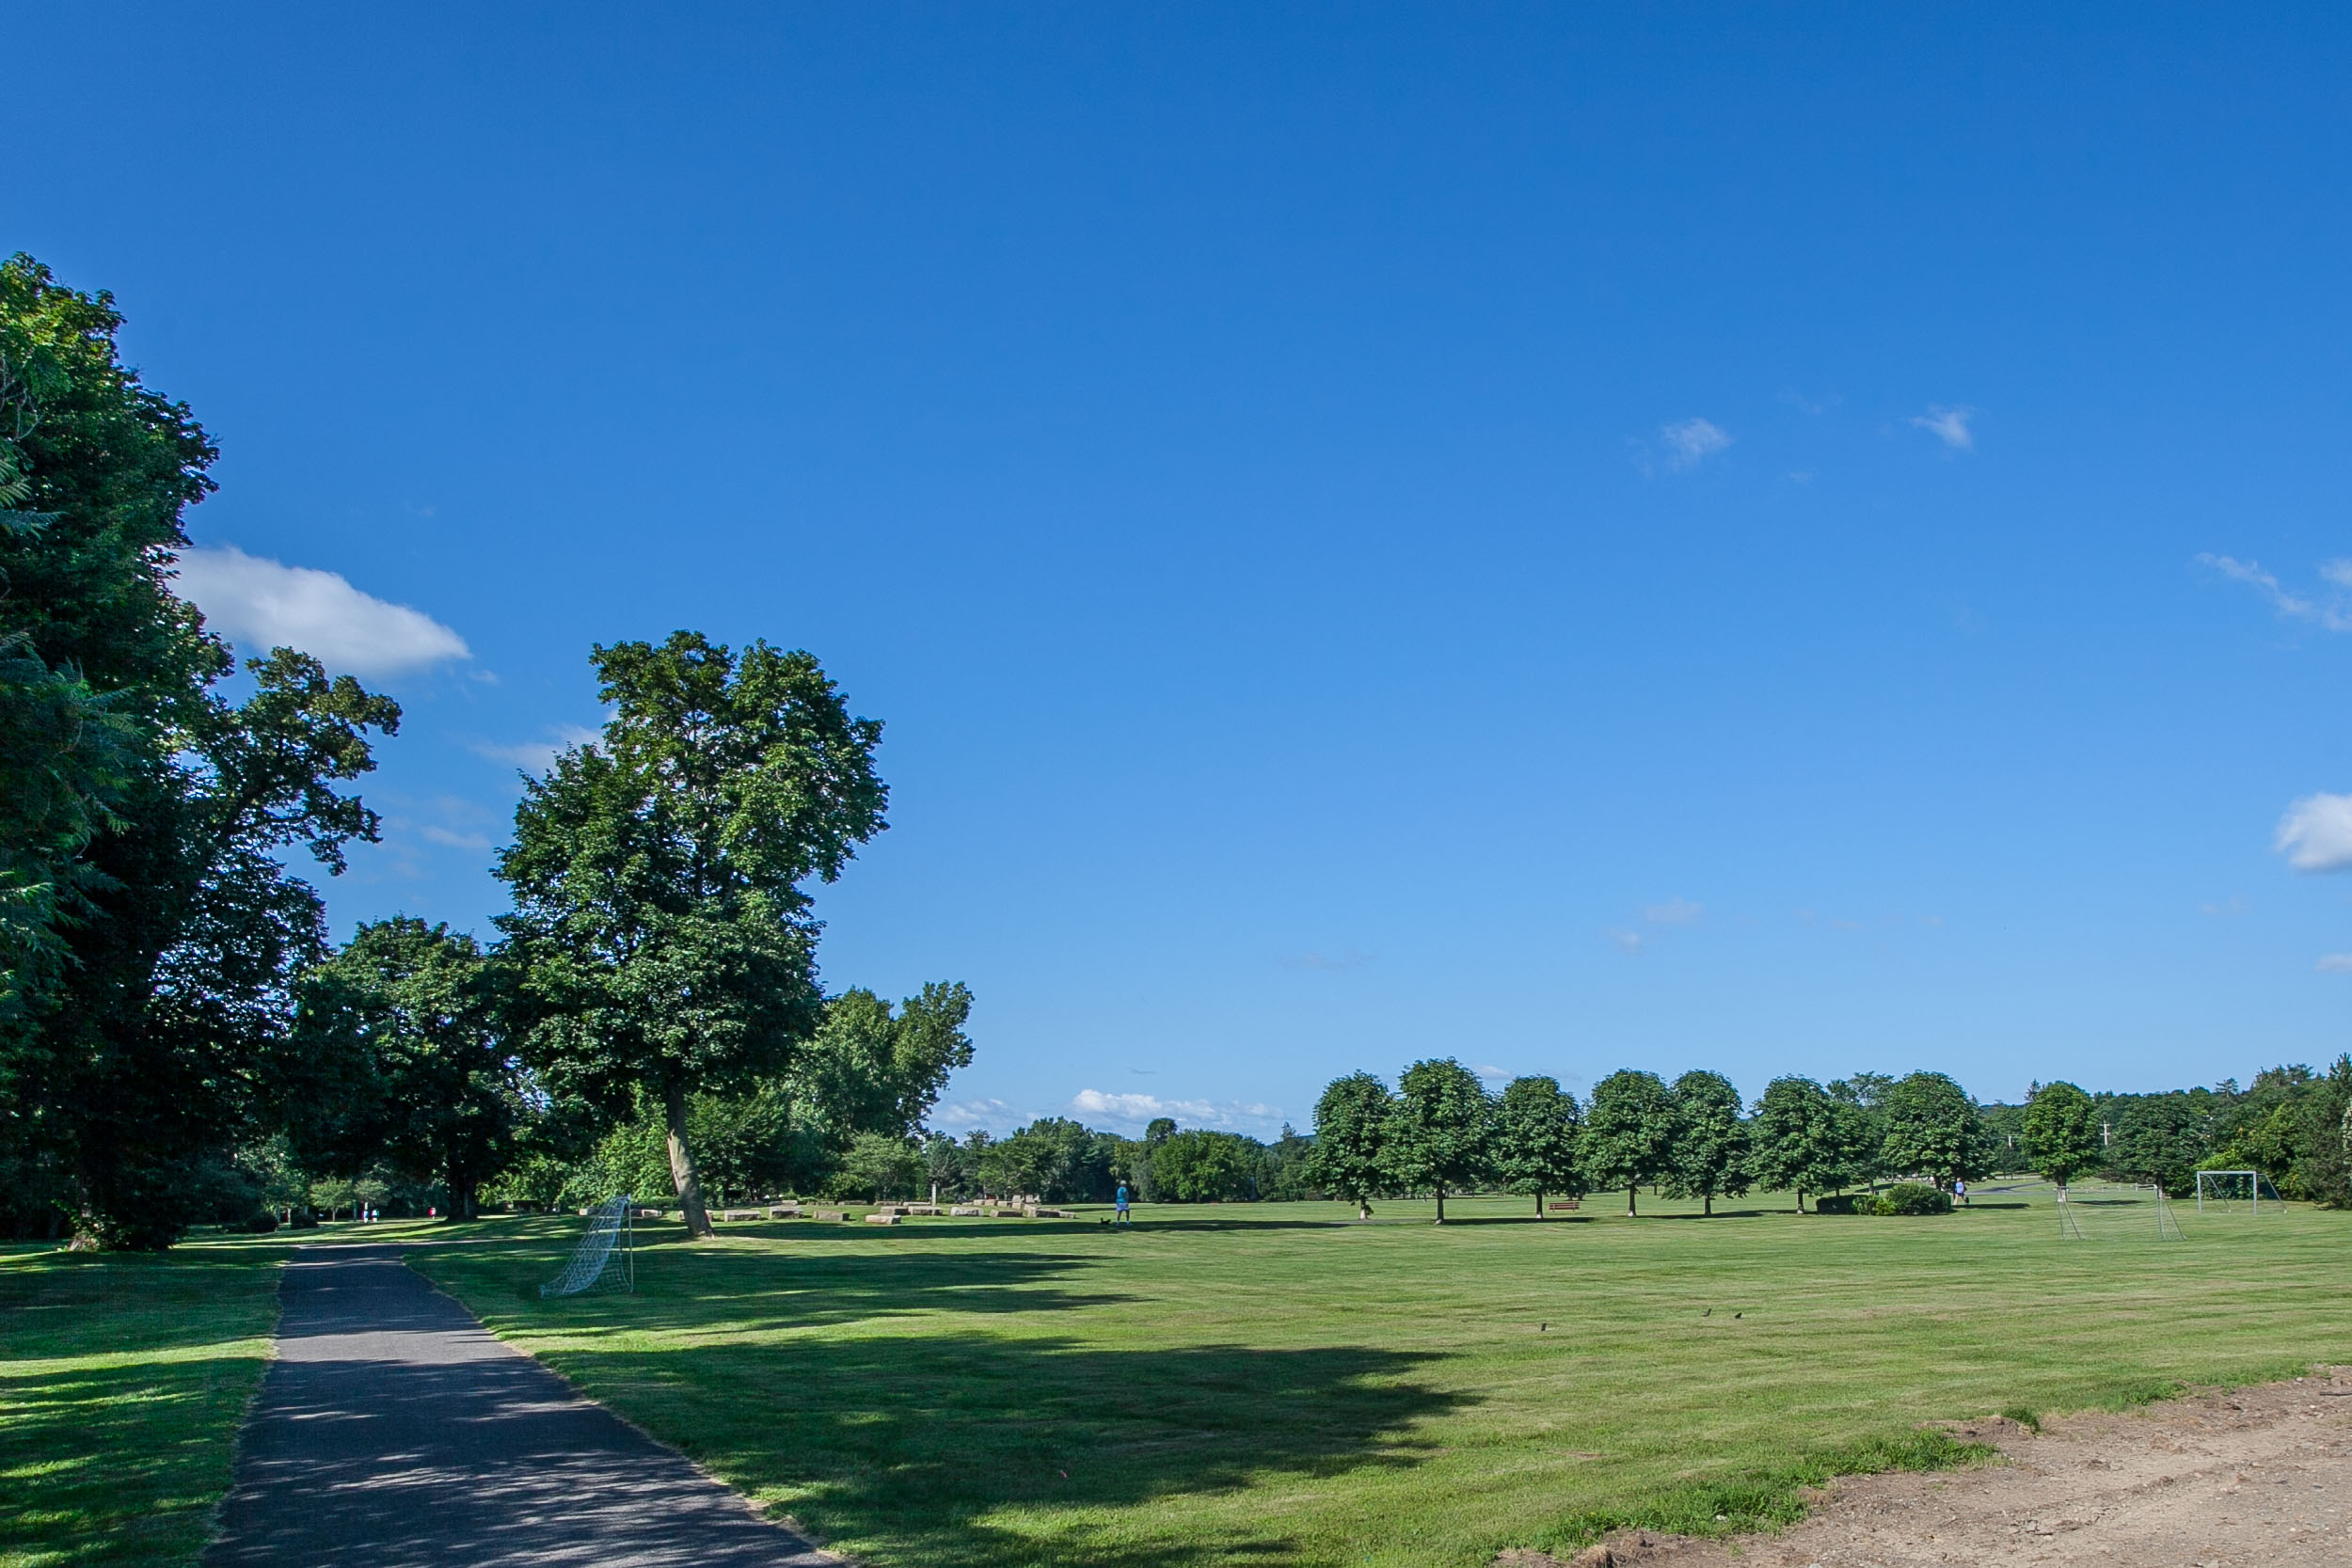 Schuyler Park